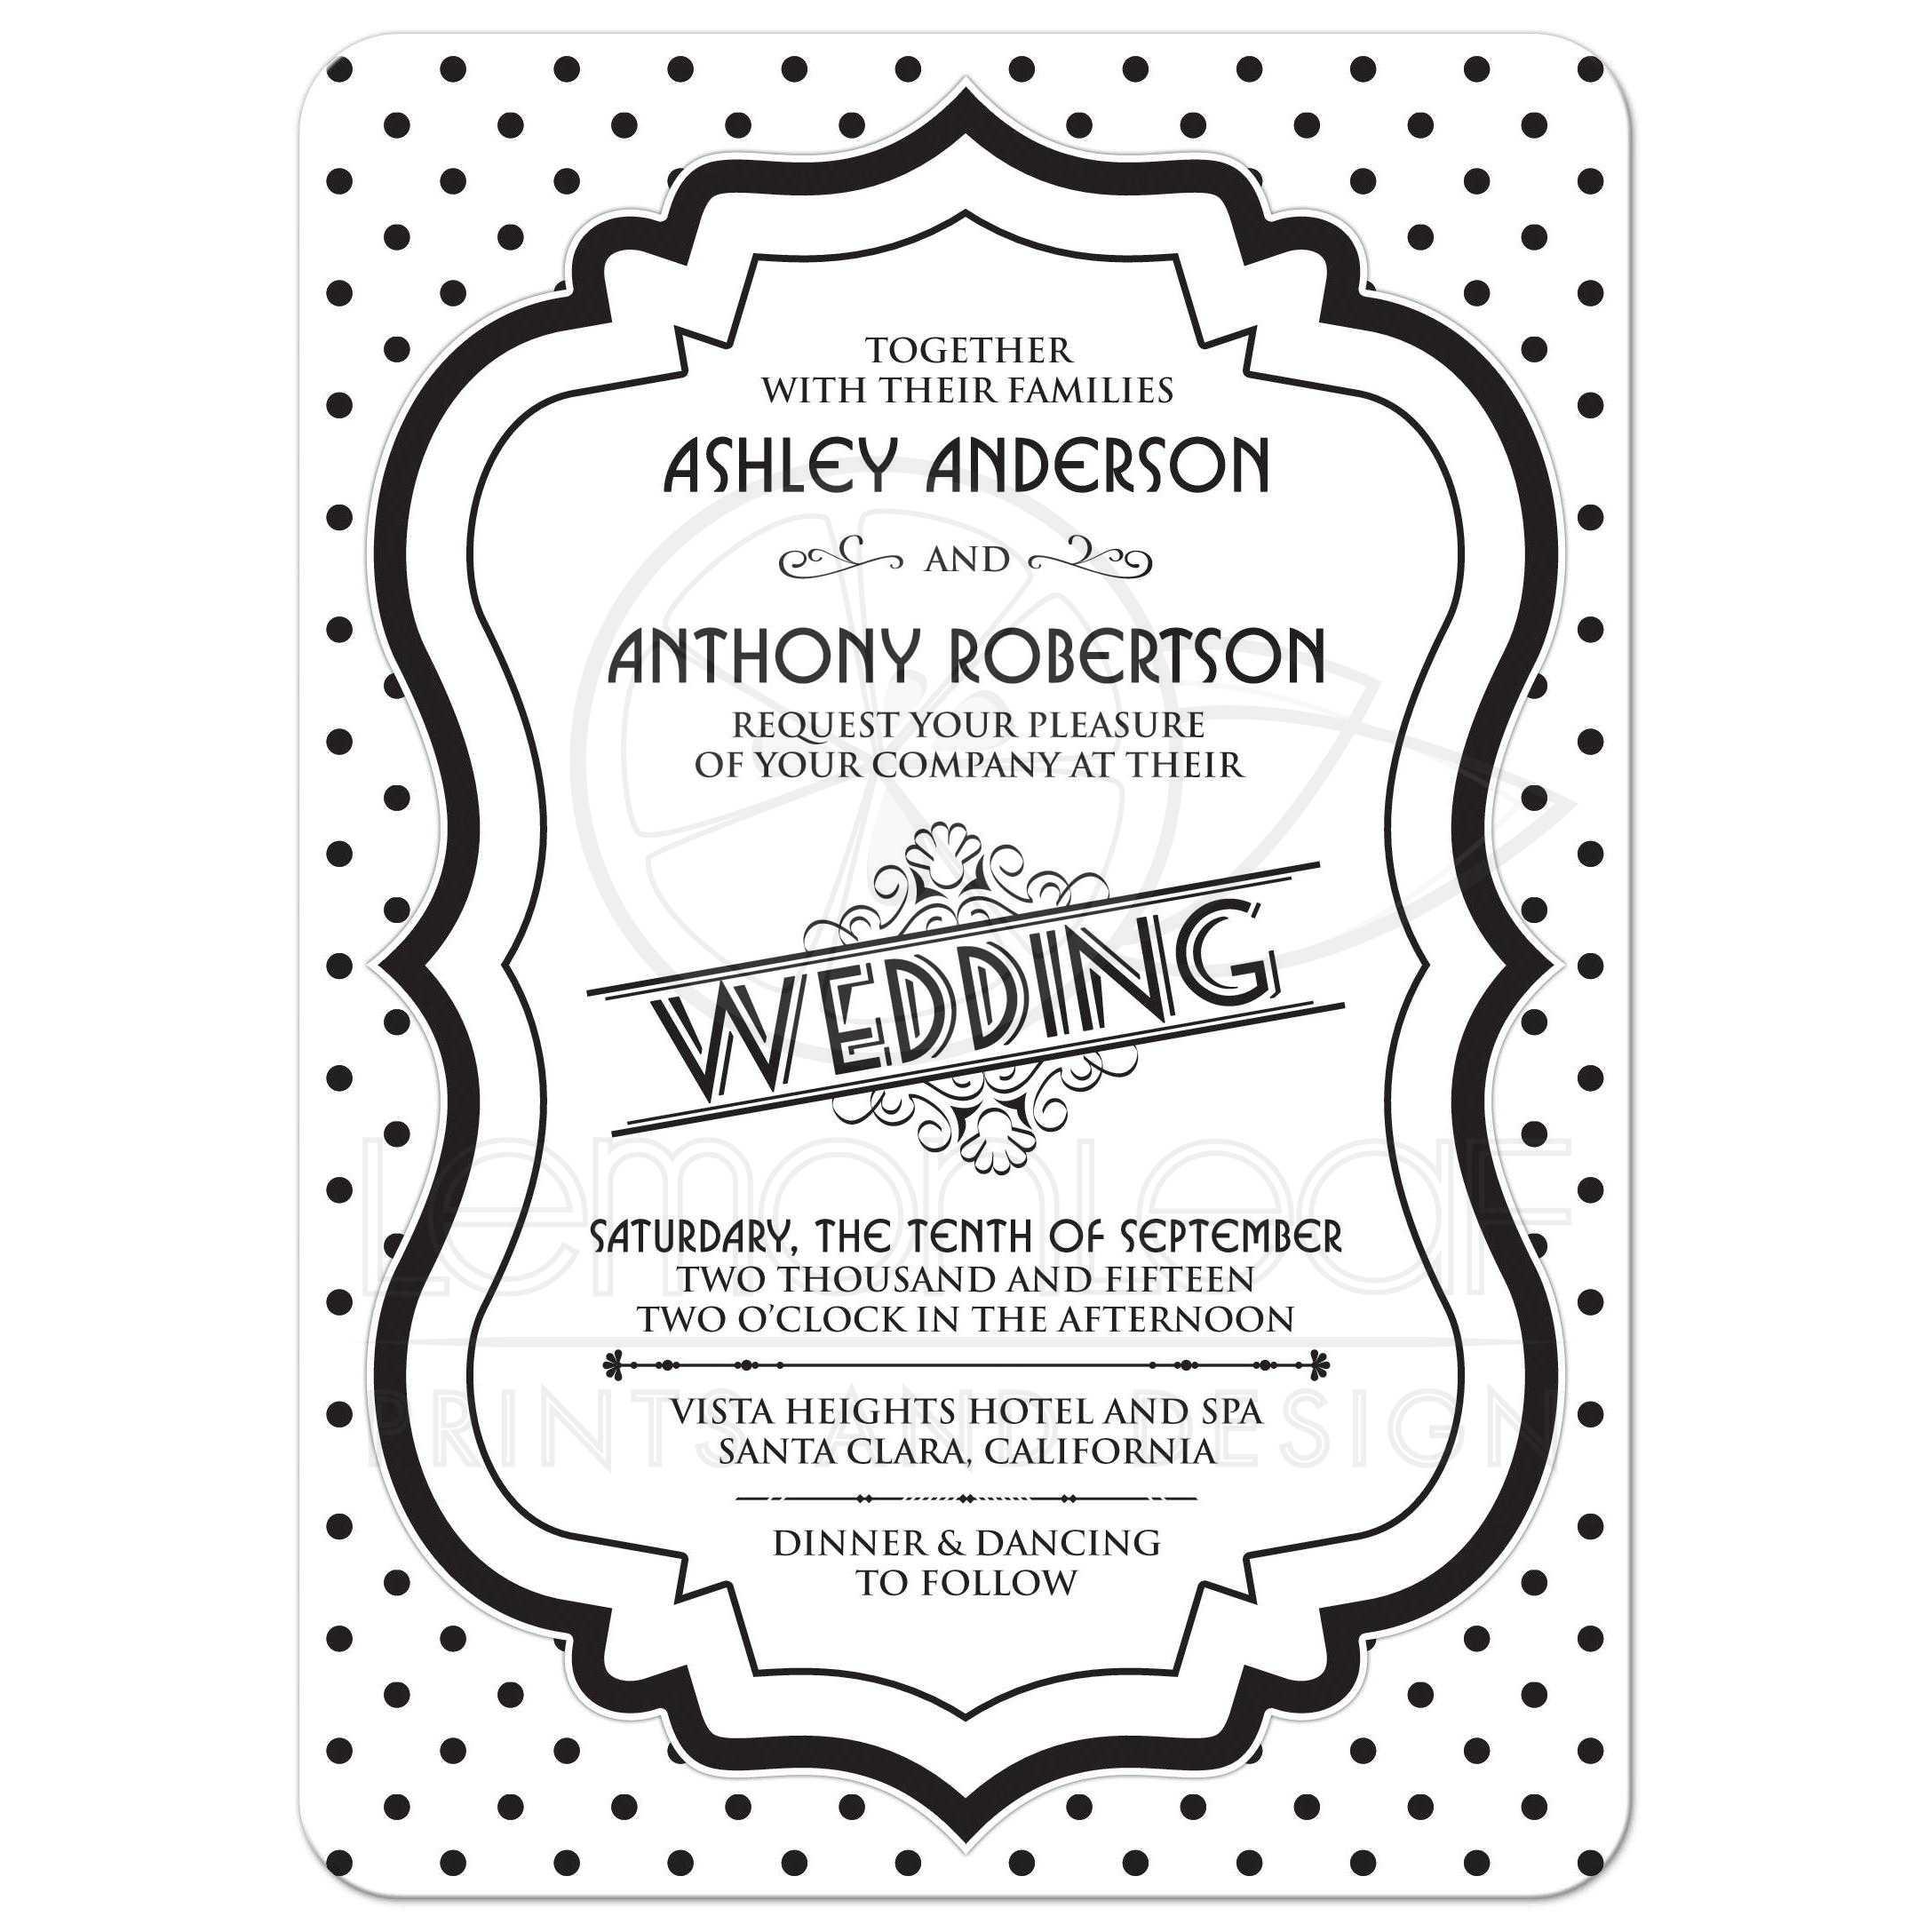 Wedding Invitation Retro 50s Black White Polka Dot